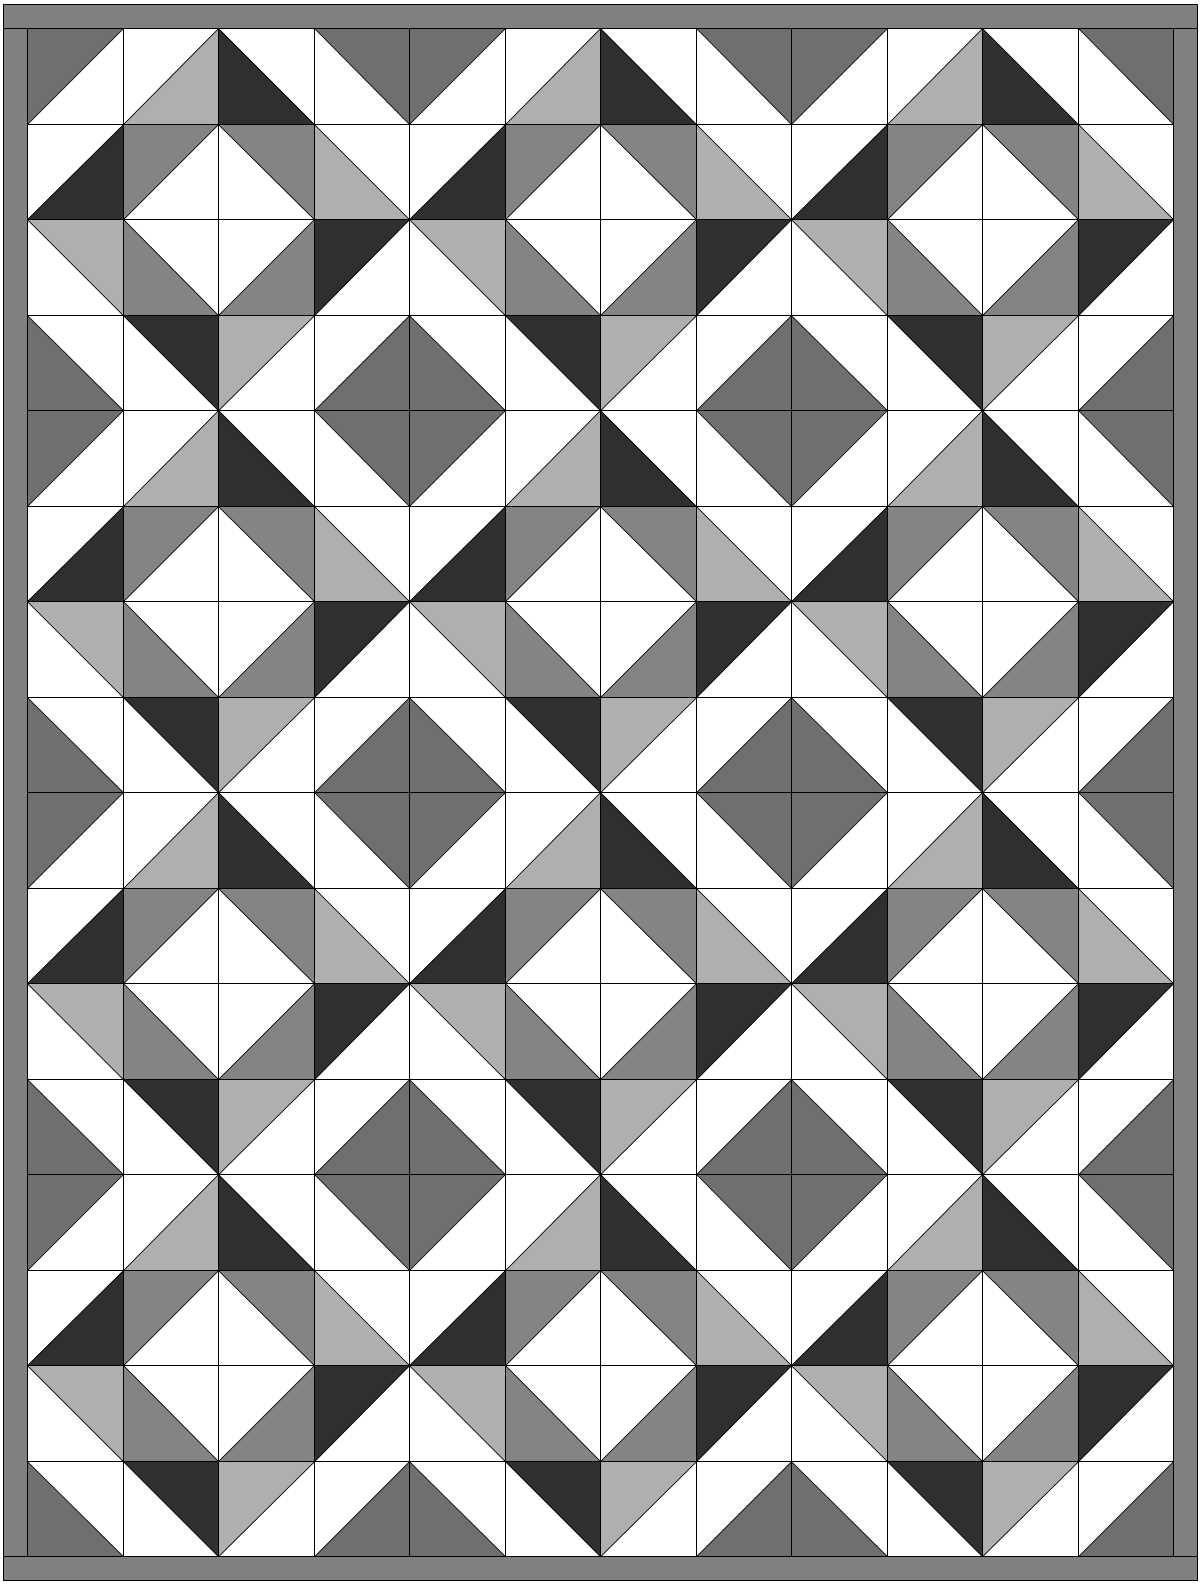 6a00d8341c1b7353ef01a73da6f827970d-pi 1,200×1,584 pixels | Quilting ...